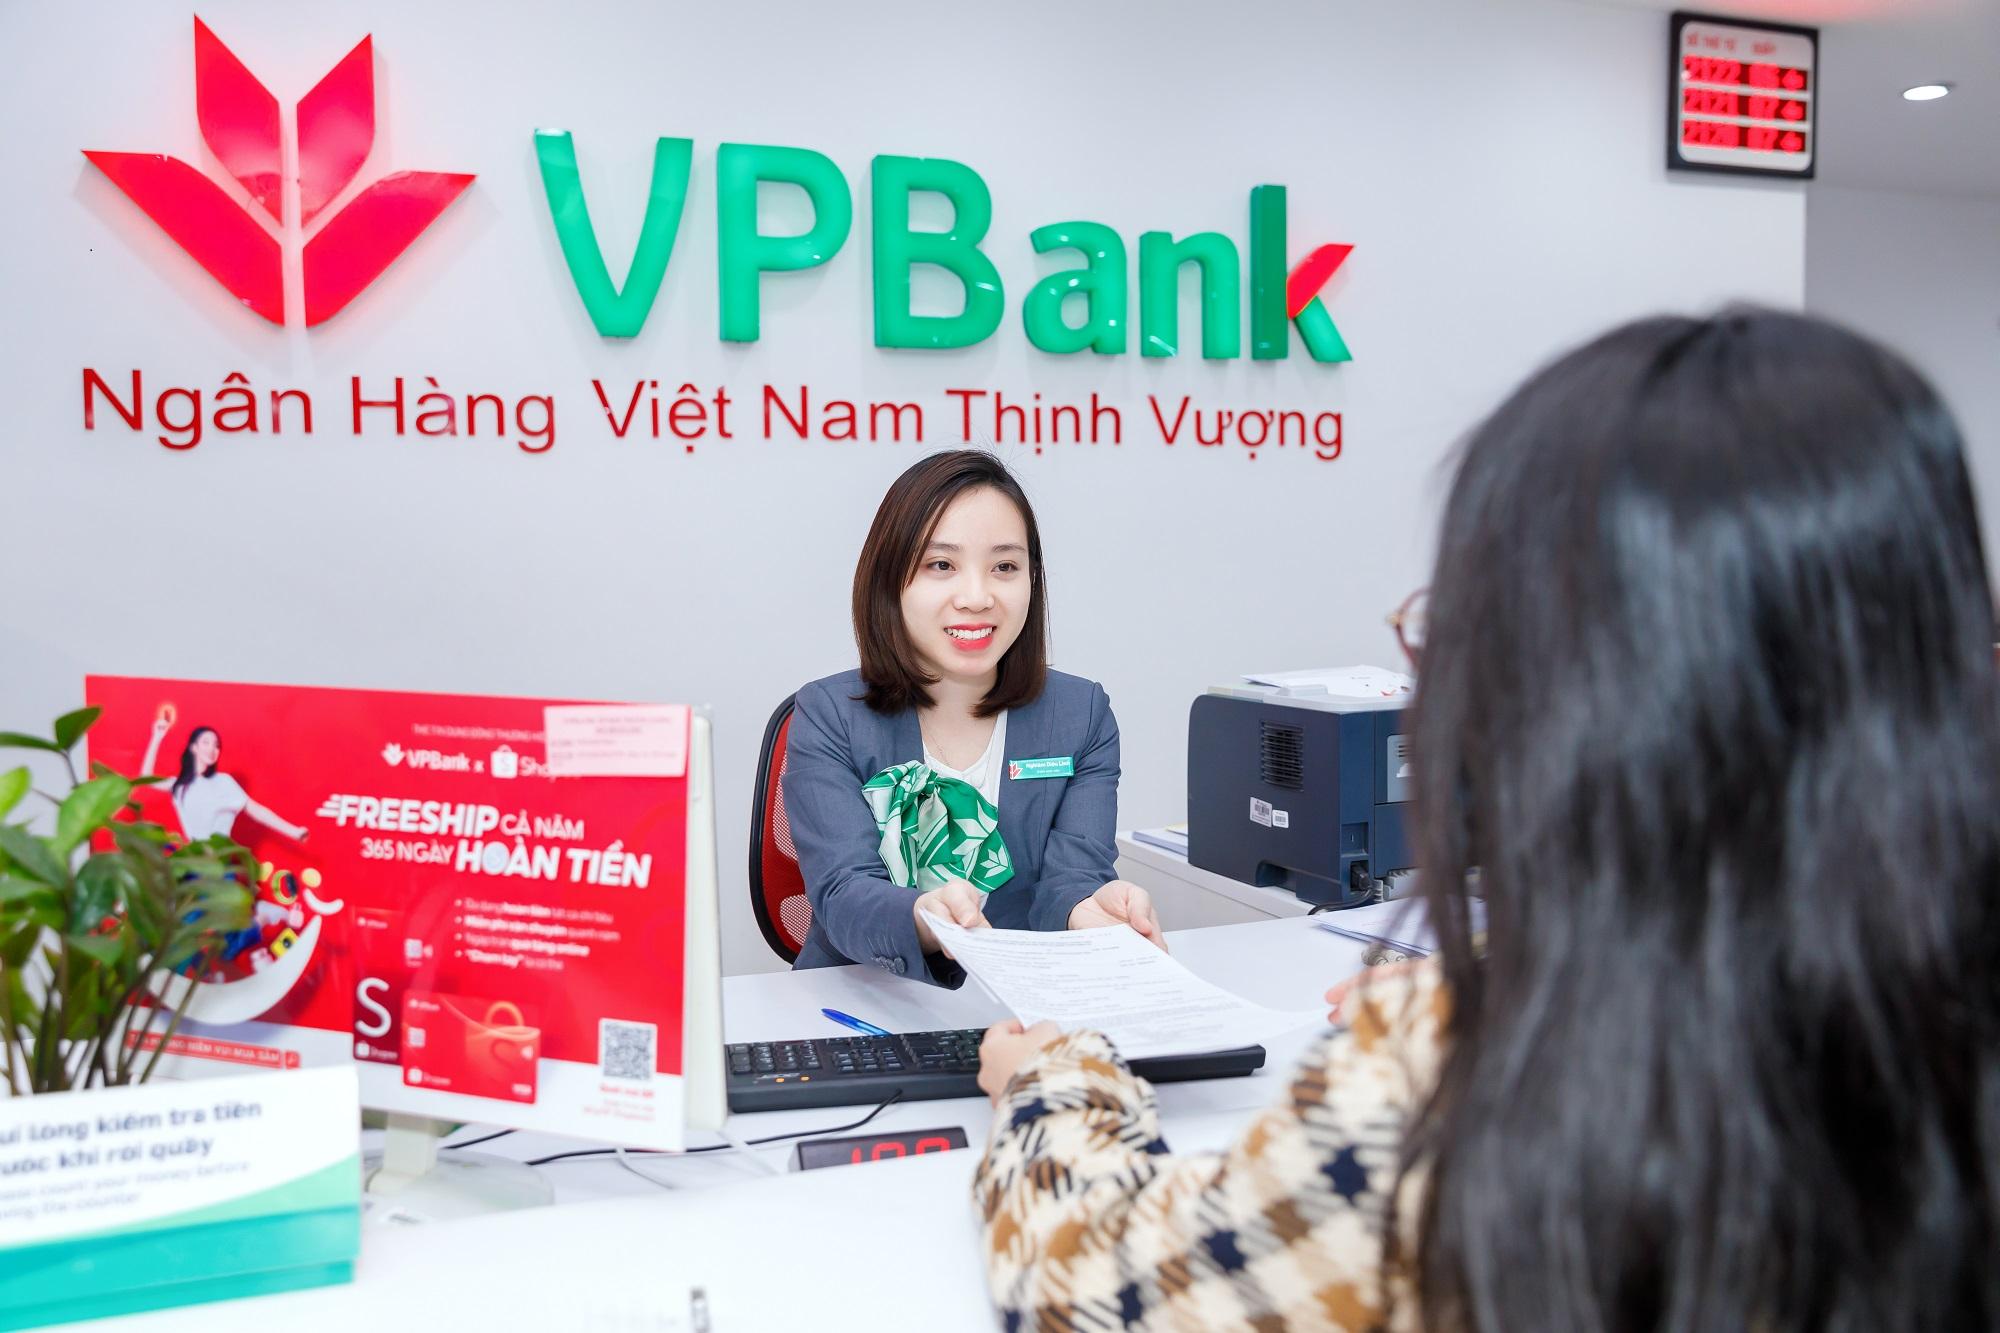 VPB dẫn dắt cổ phiếu ngân hàng